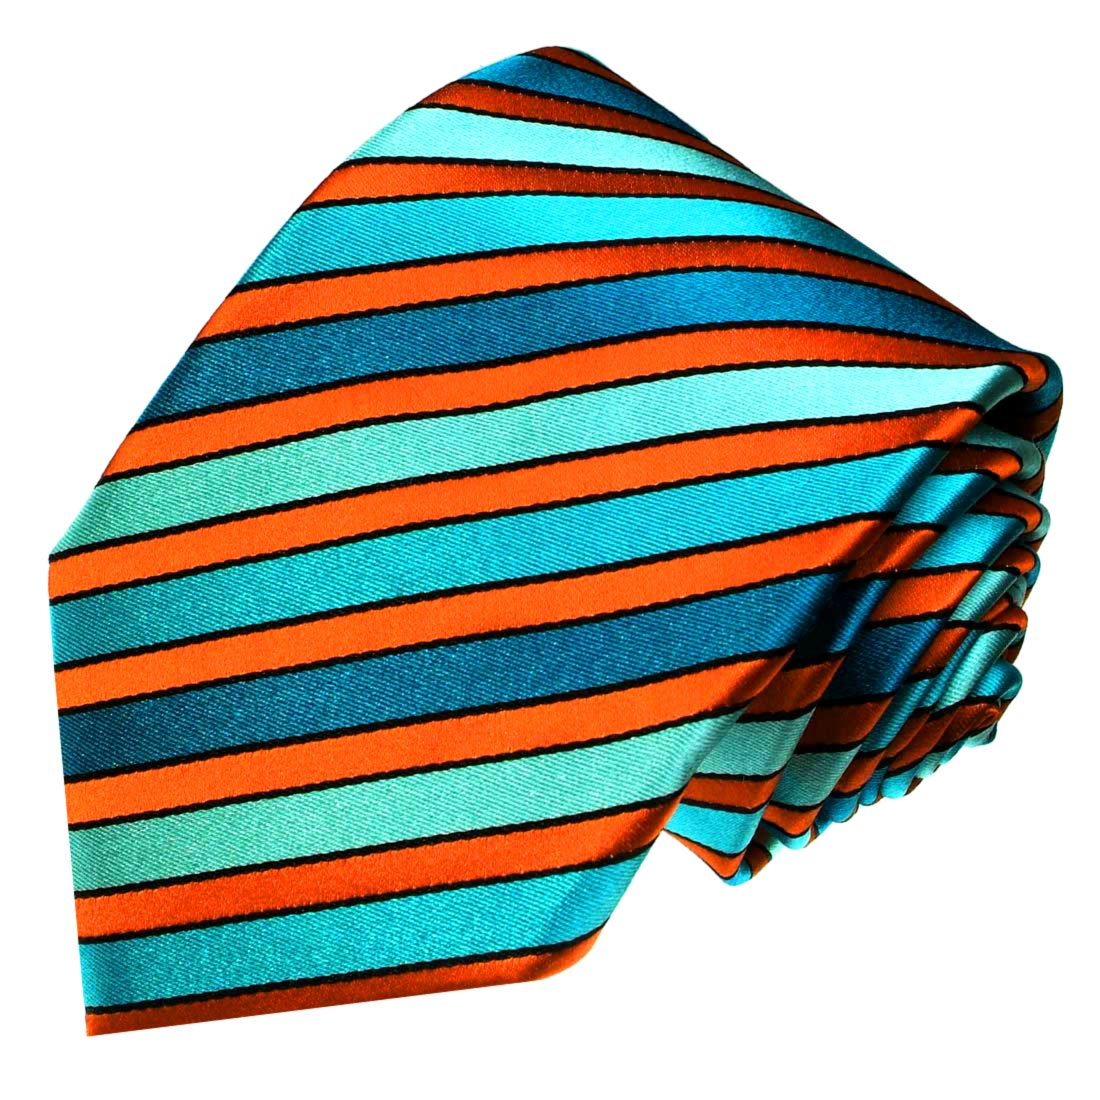 LORENZO CANA - Marcas corbata de seda 100% - Corbata turquesa ...